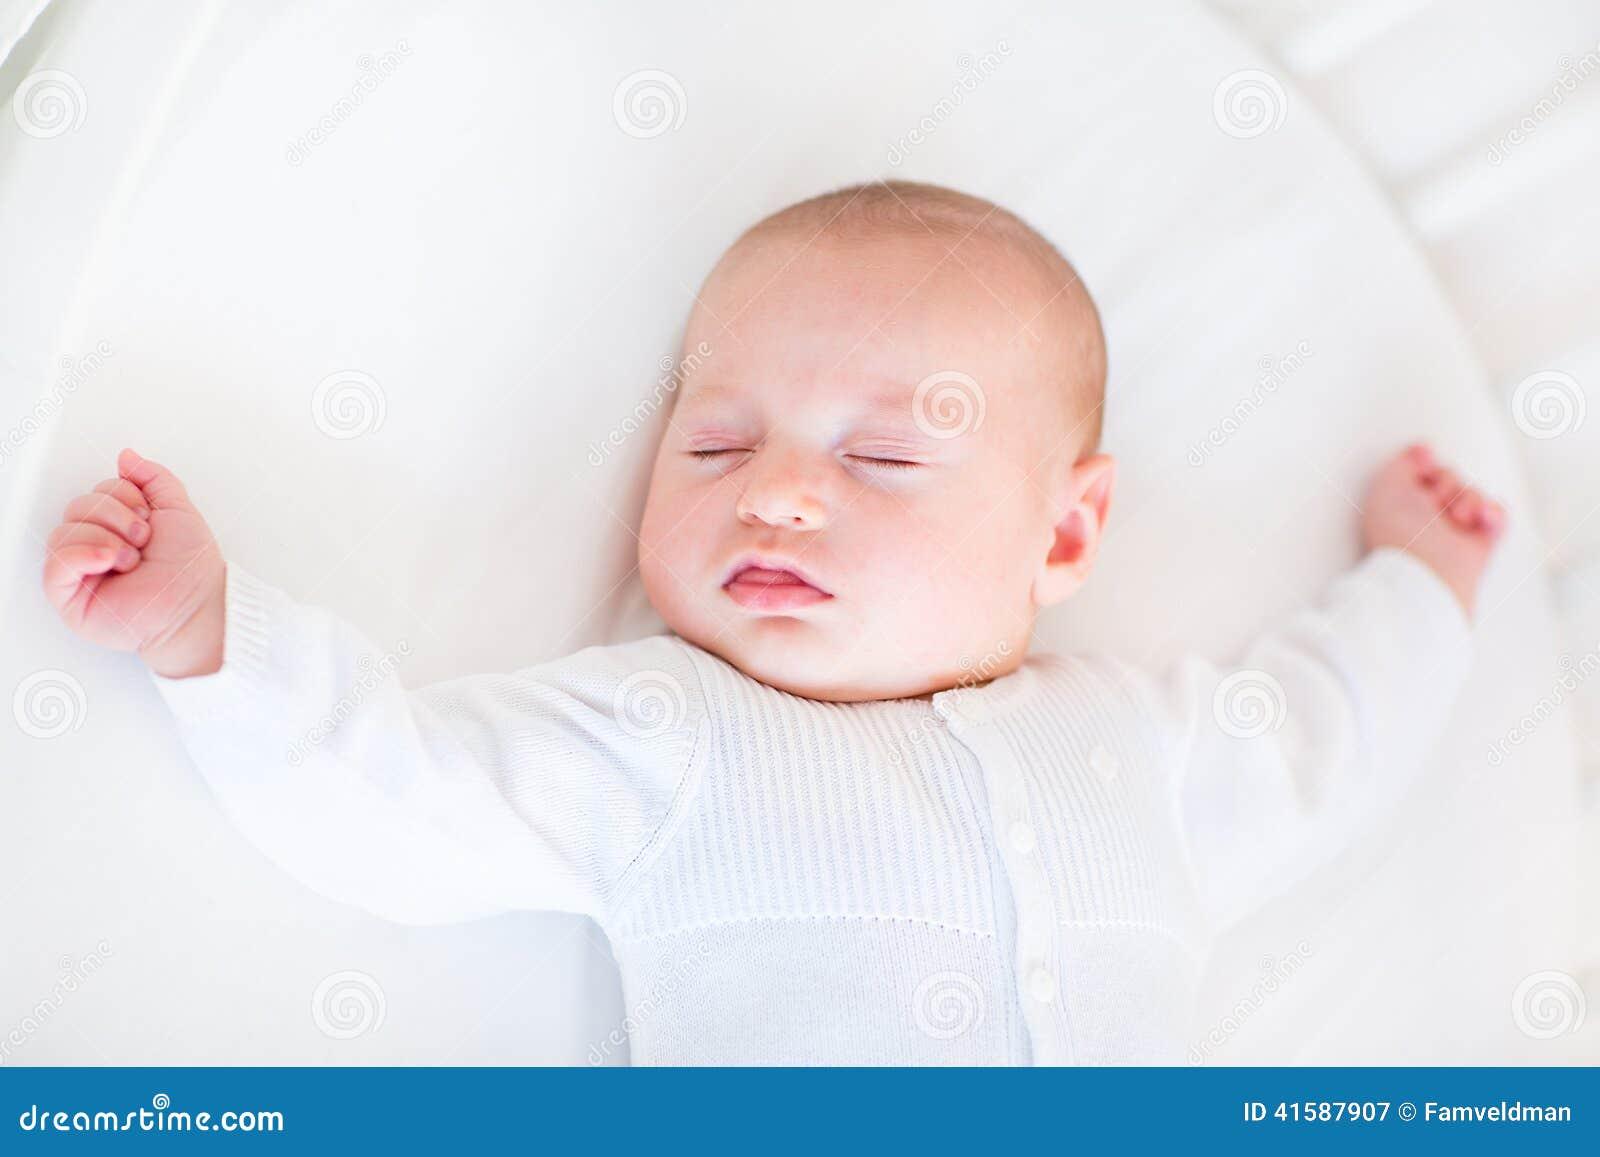 Little newborn baby boy sleeping in white round crib